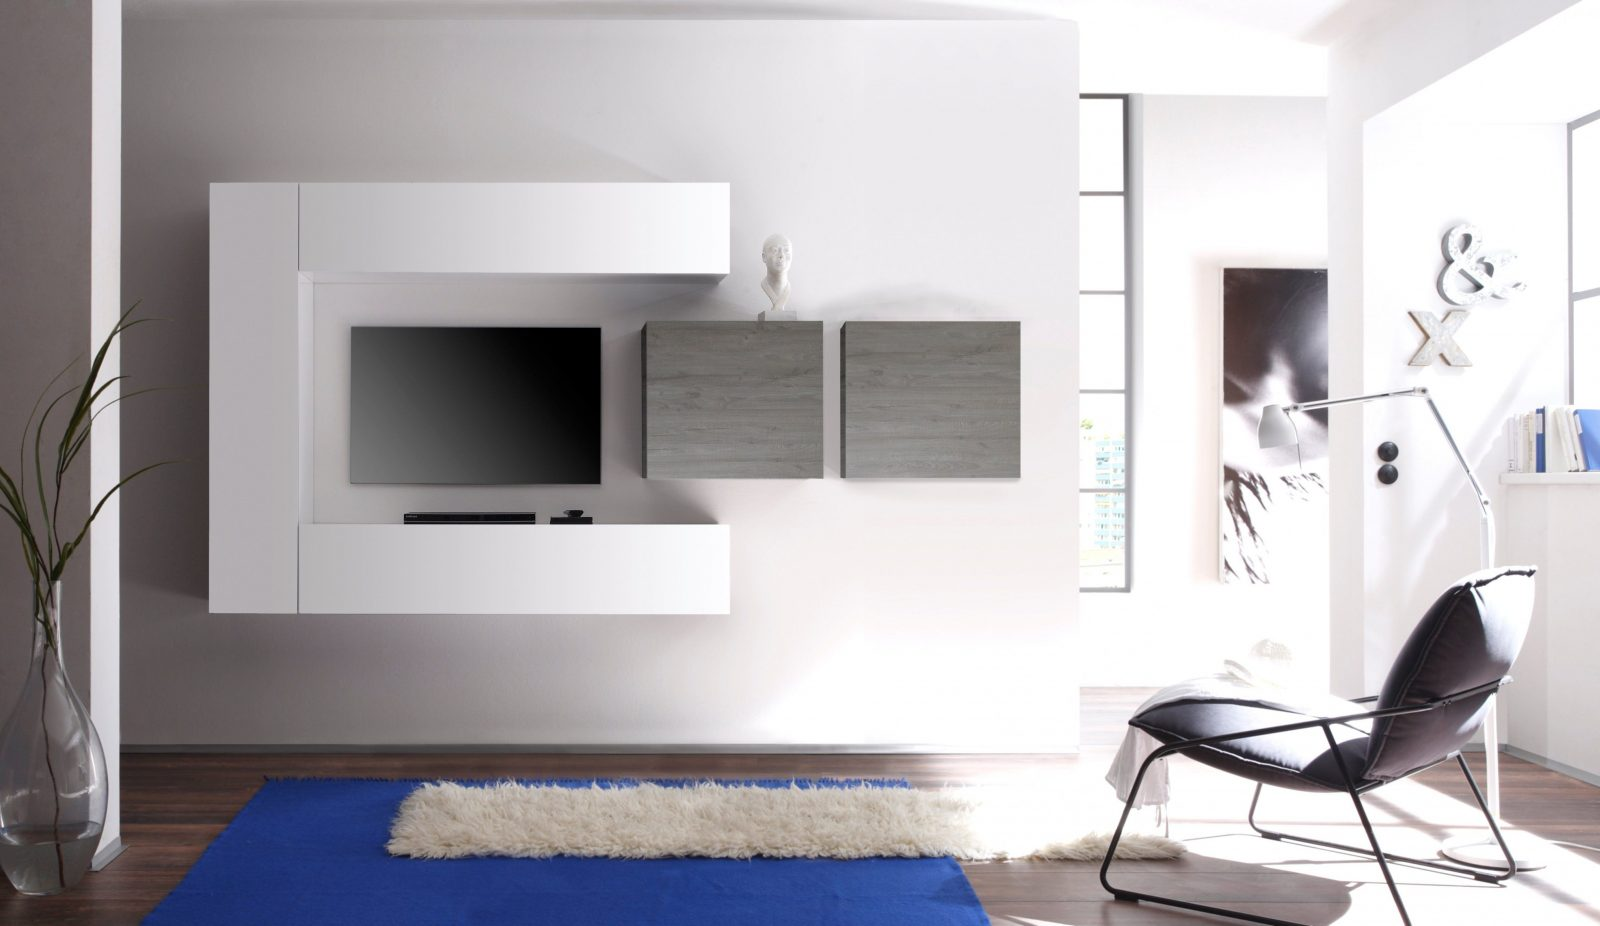 Ausgezeichnet Hängeschrank Wohnzimmer Weiß Hochglanz Einfach Millena von Hängeschrank Wohnzimmer Weiß Hochglanz Bild